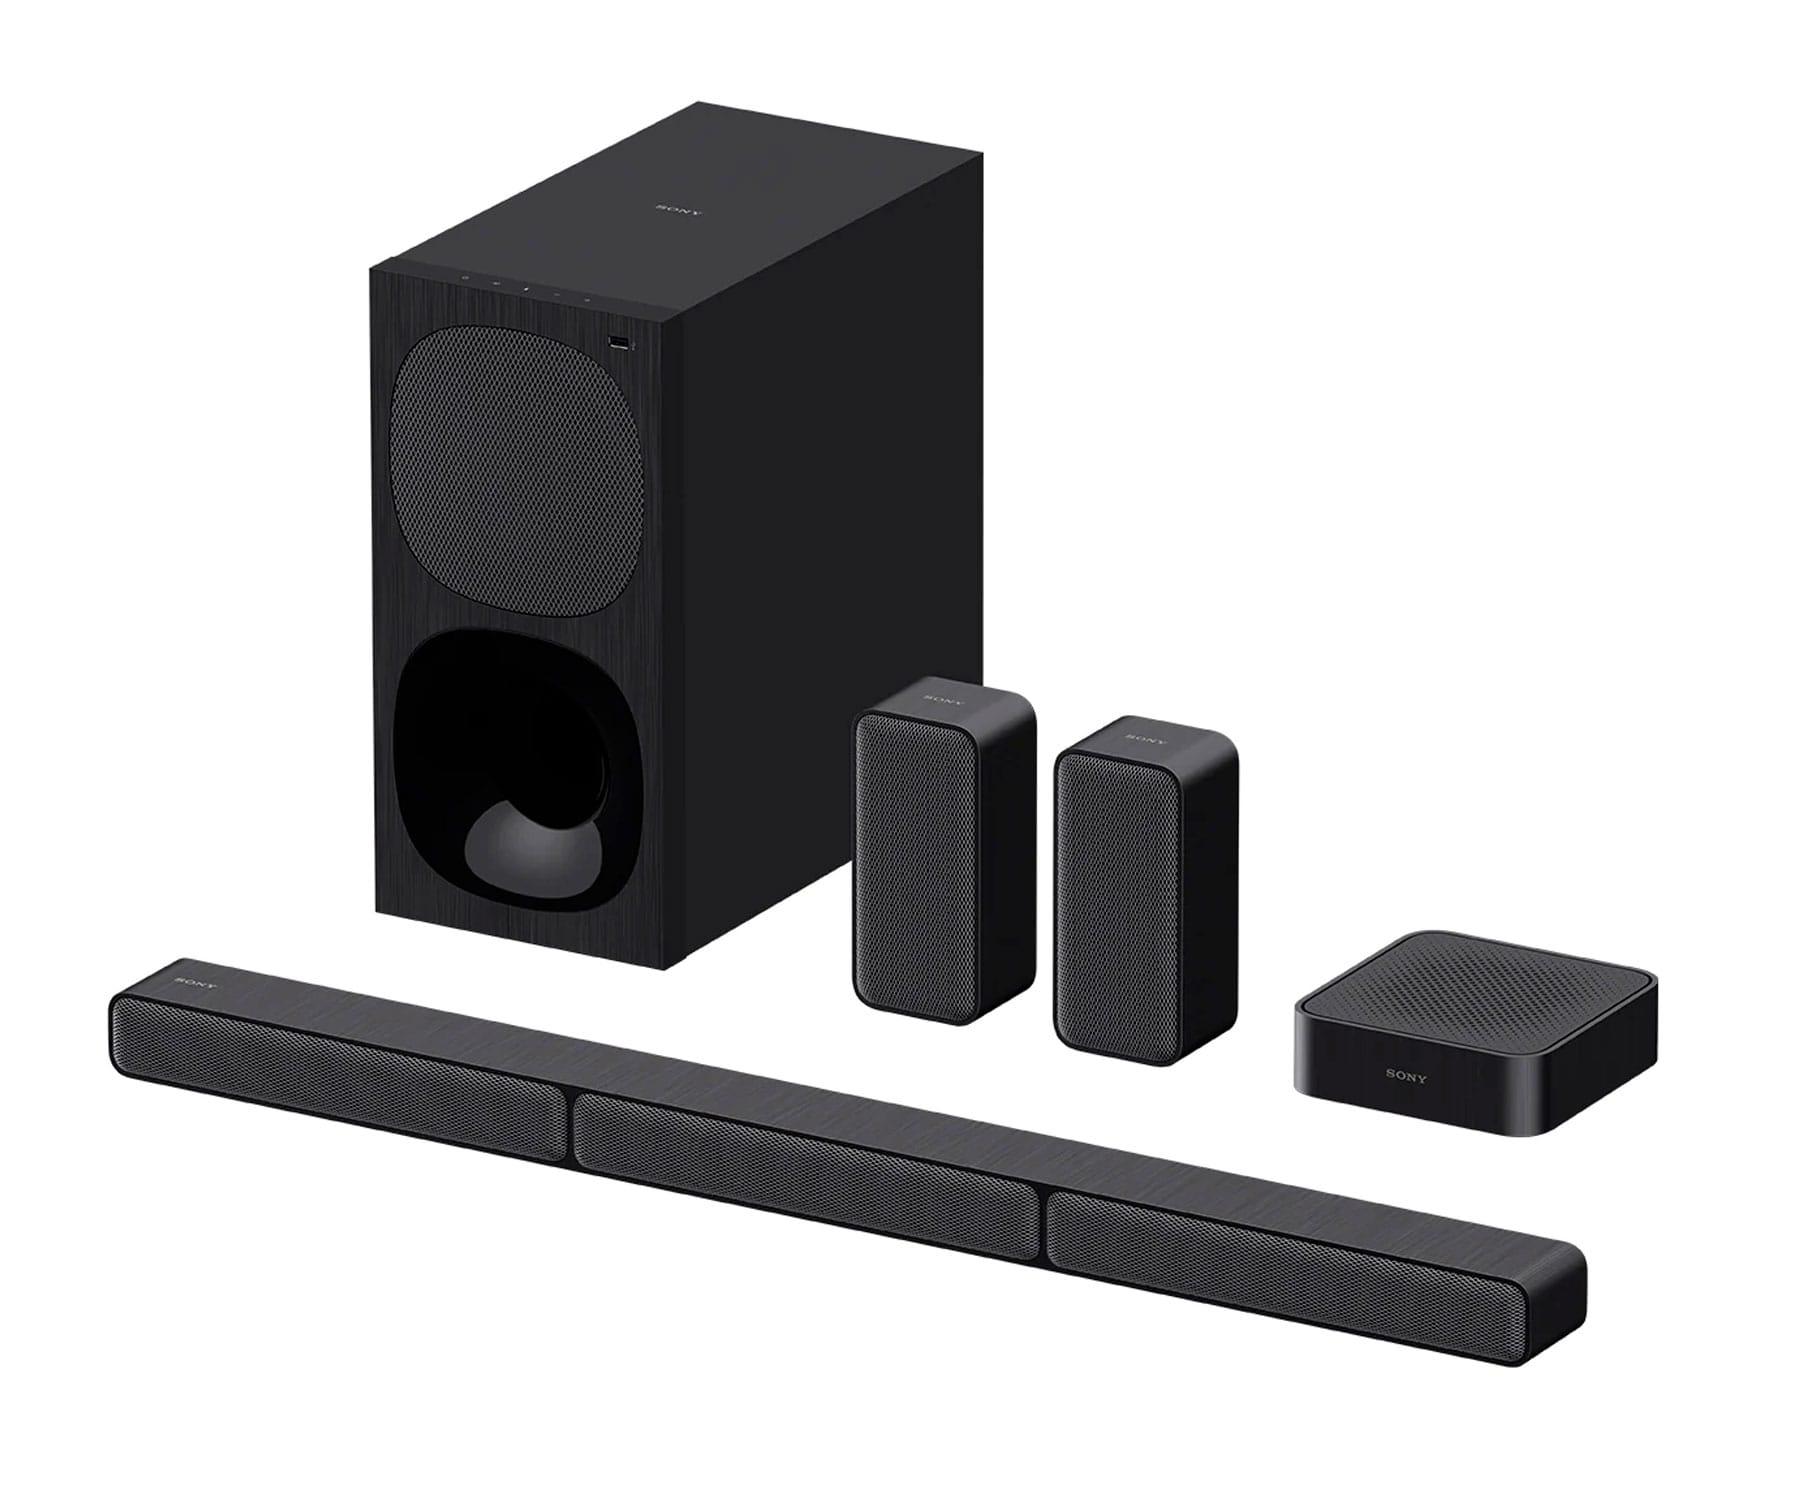 SONY HT-S40R Sistema de Cine en casa/ 5.1 Canales/Subwofer/Barra de Sonido/Dolby® Digital